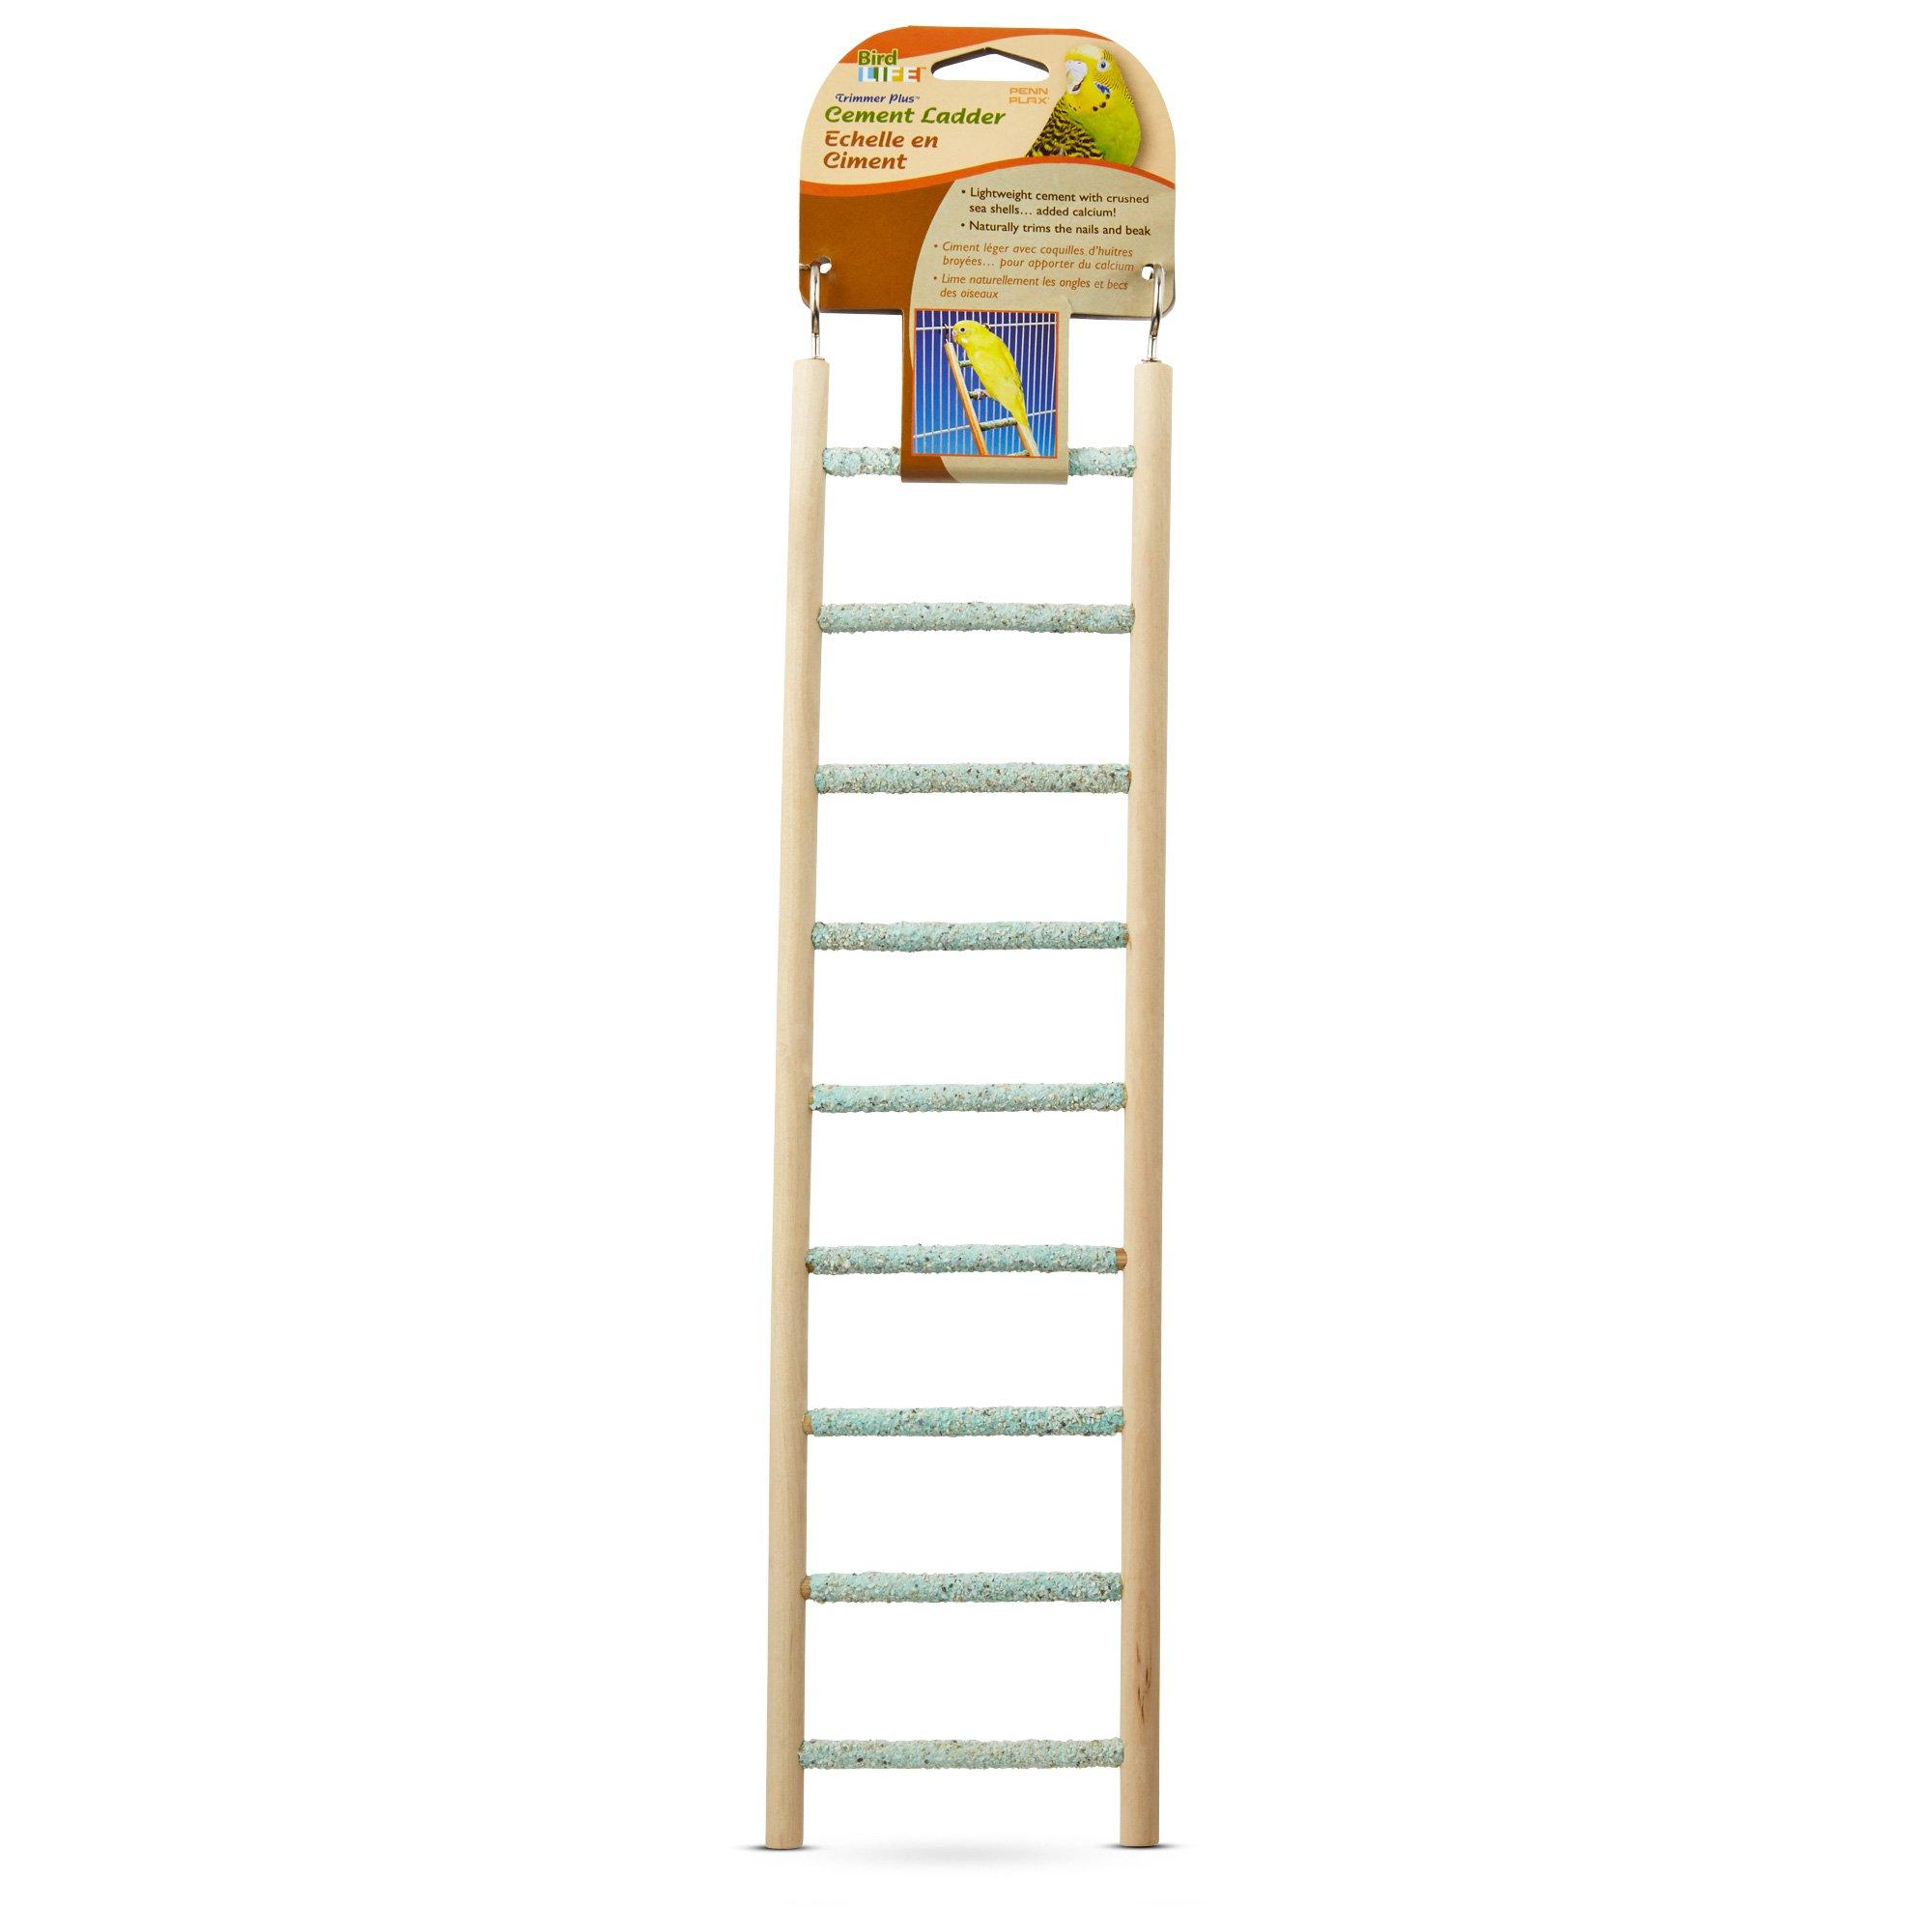 Penn Plax Cement Bird Ladder